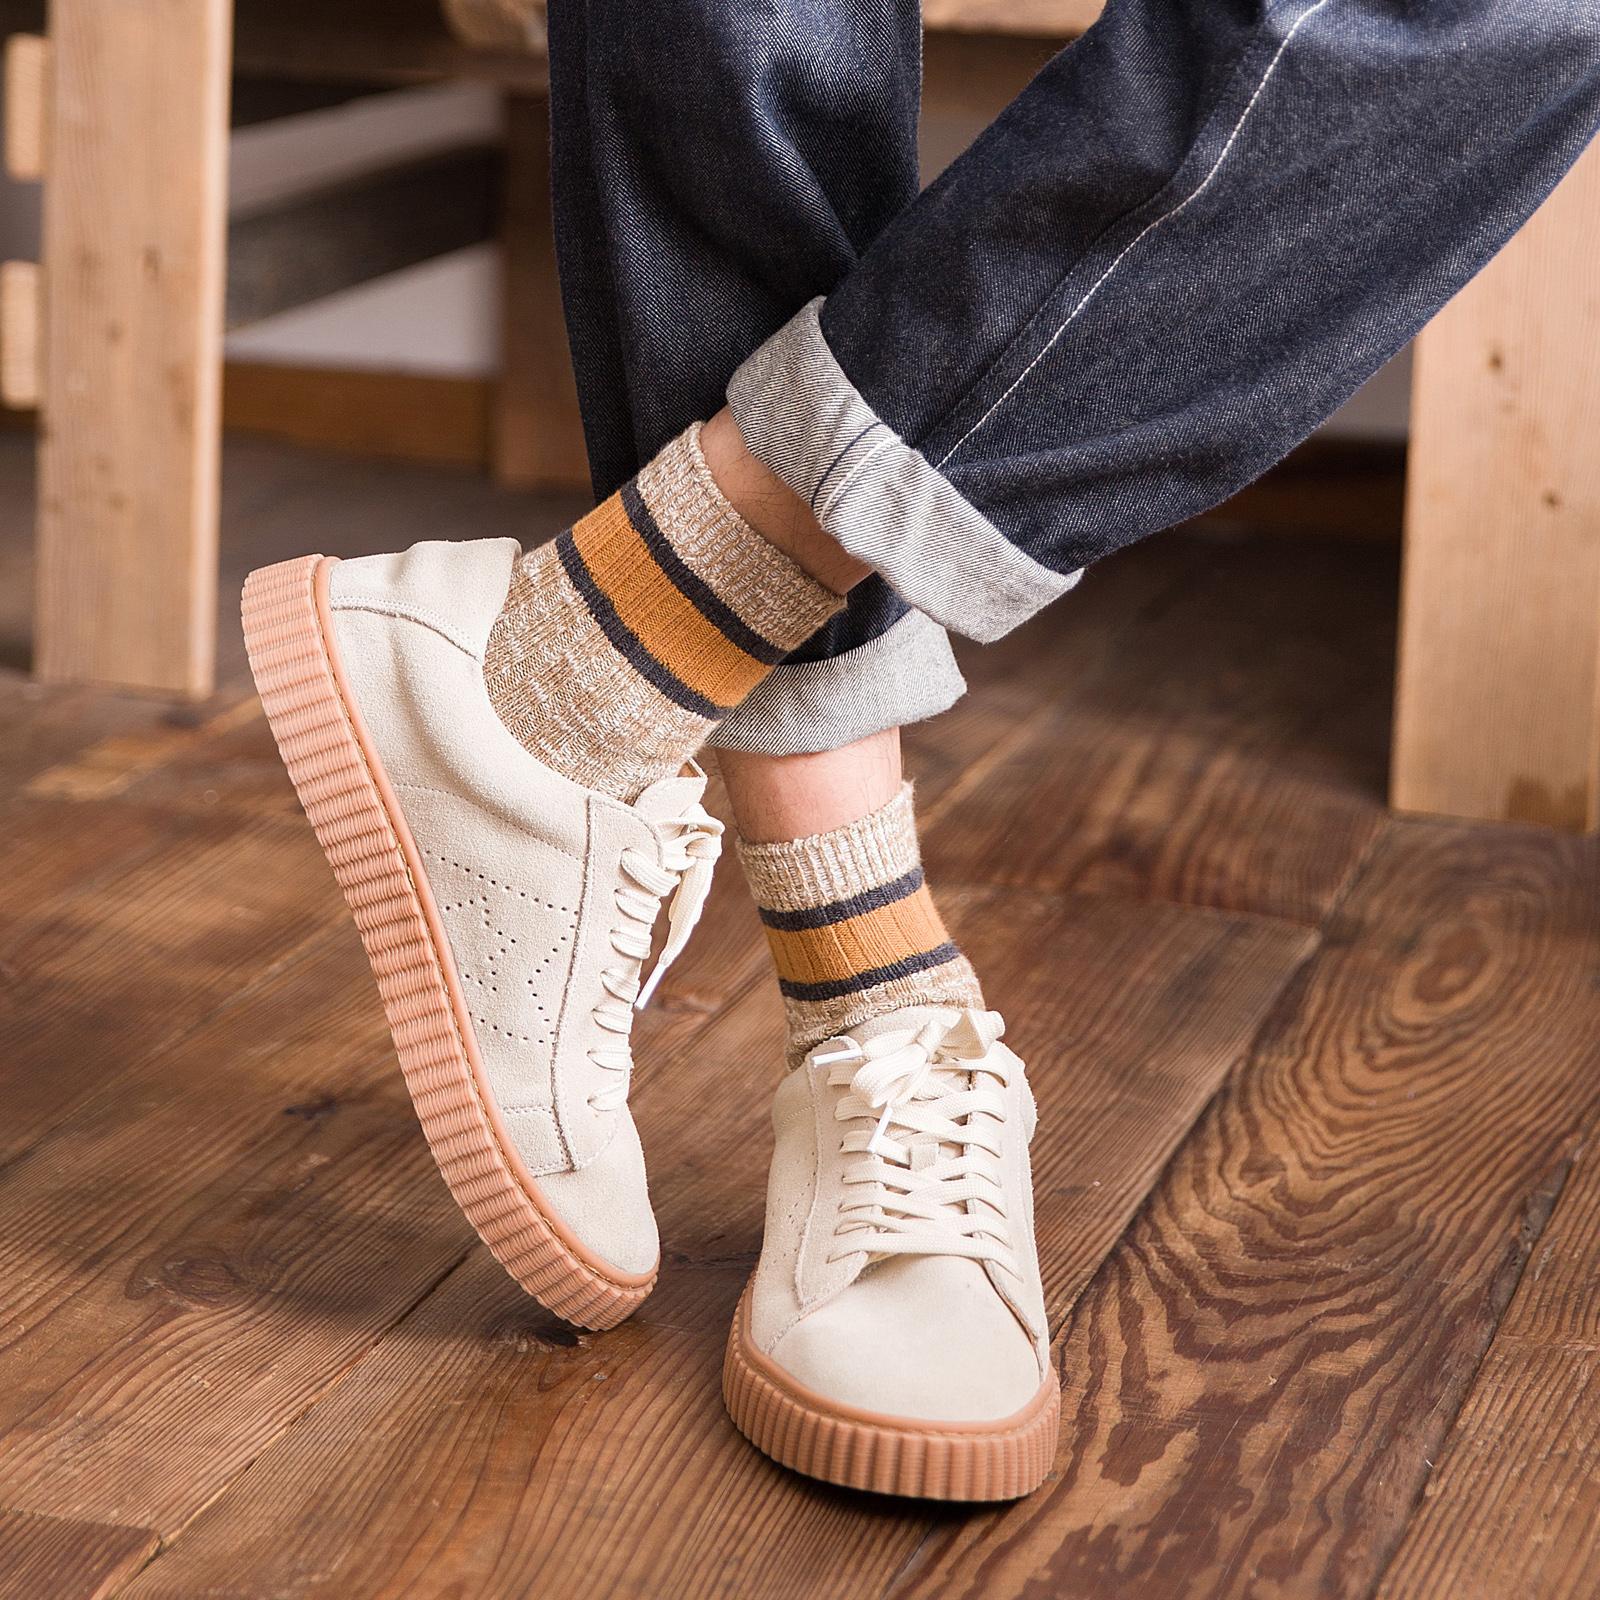 正品乔纳阿迪达高帮男袜子潮流长筒袜长袜中筒袜男士纯棉袜毛线袜